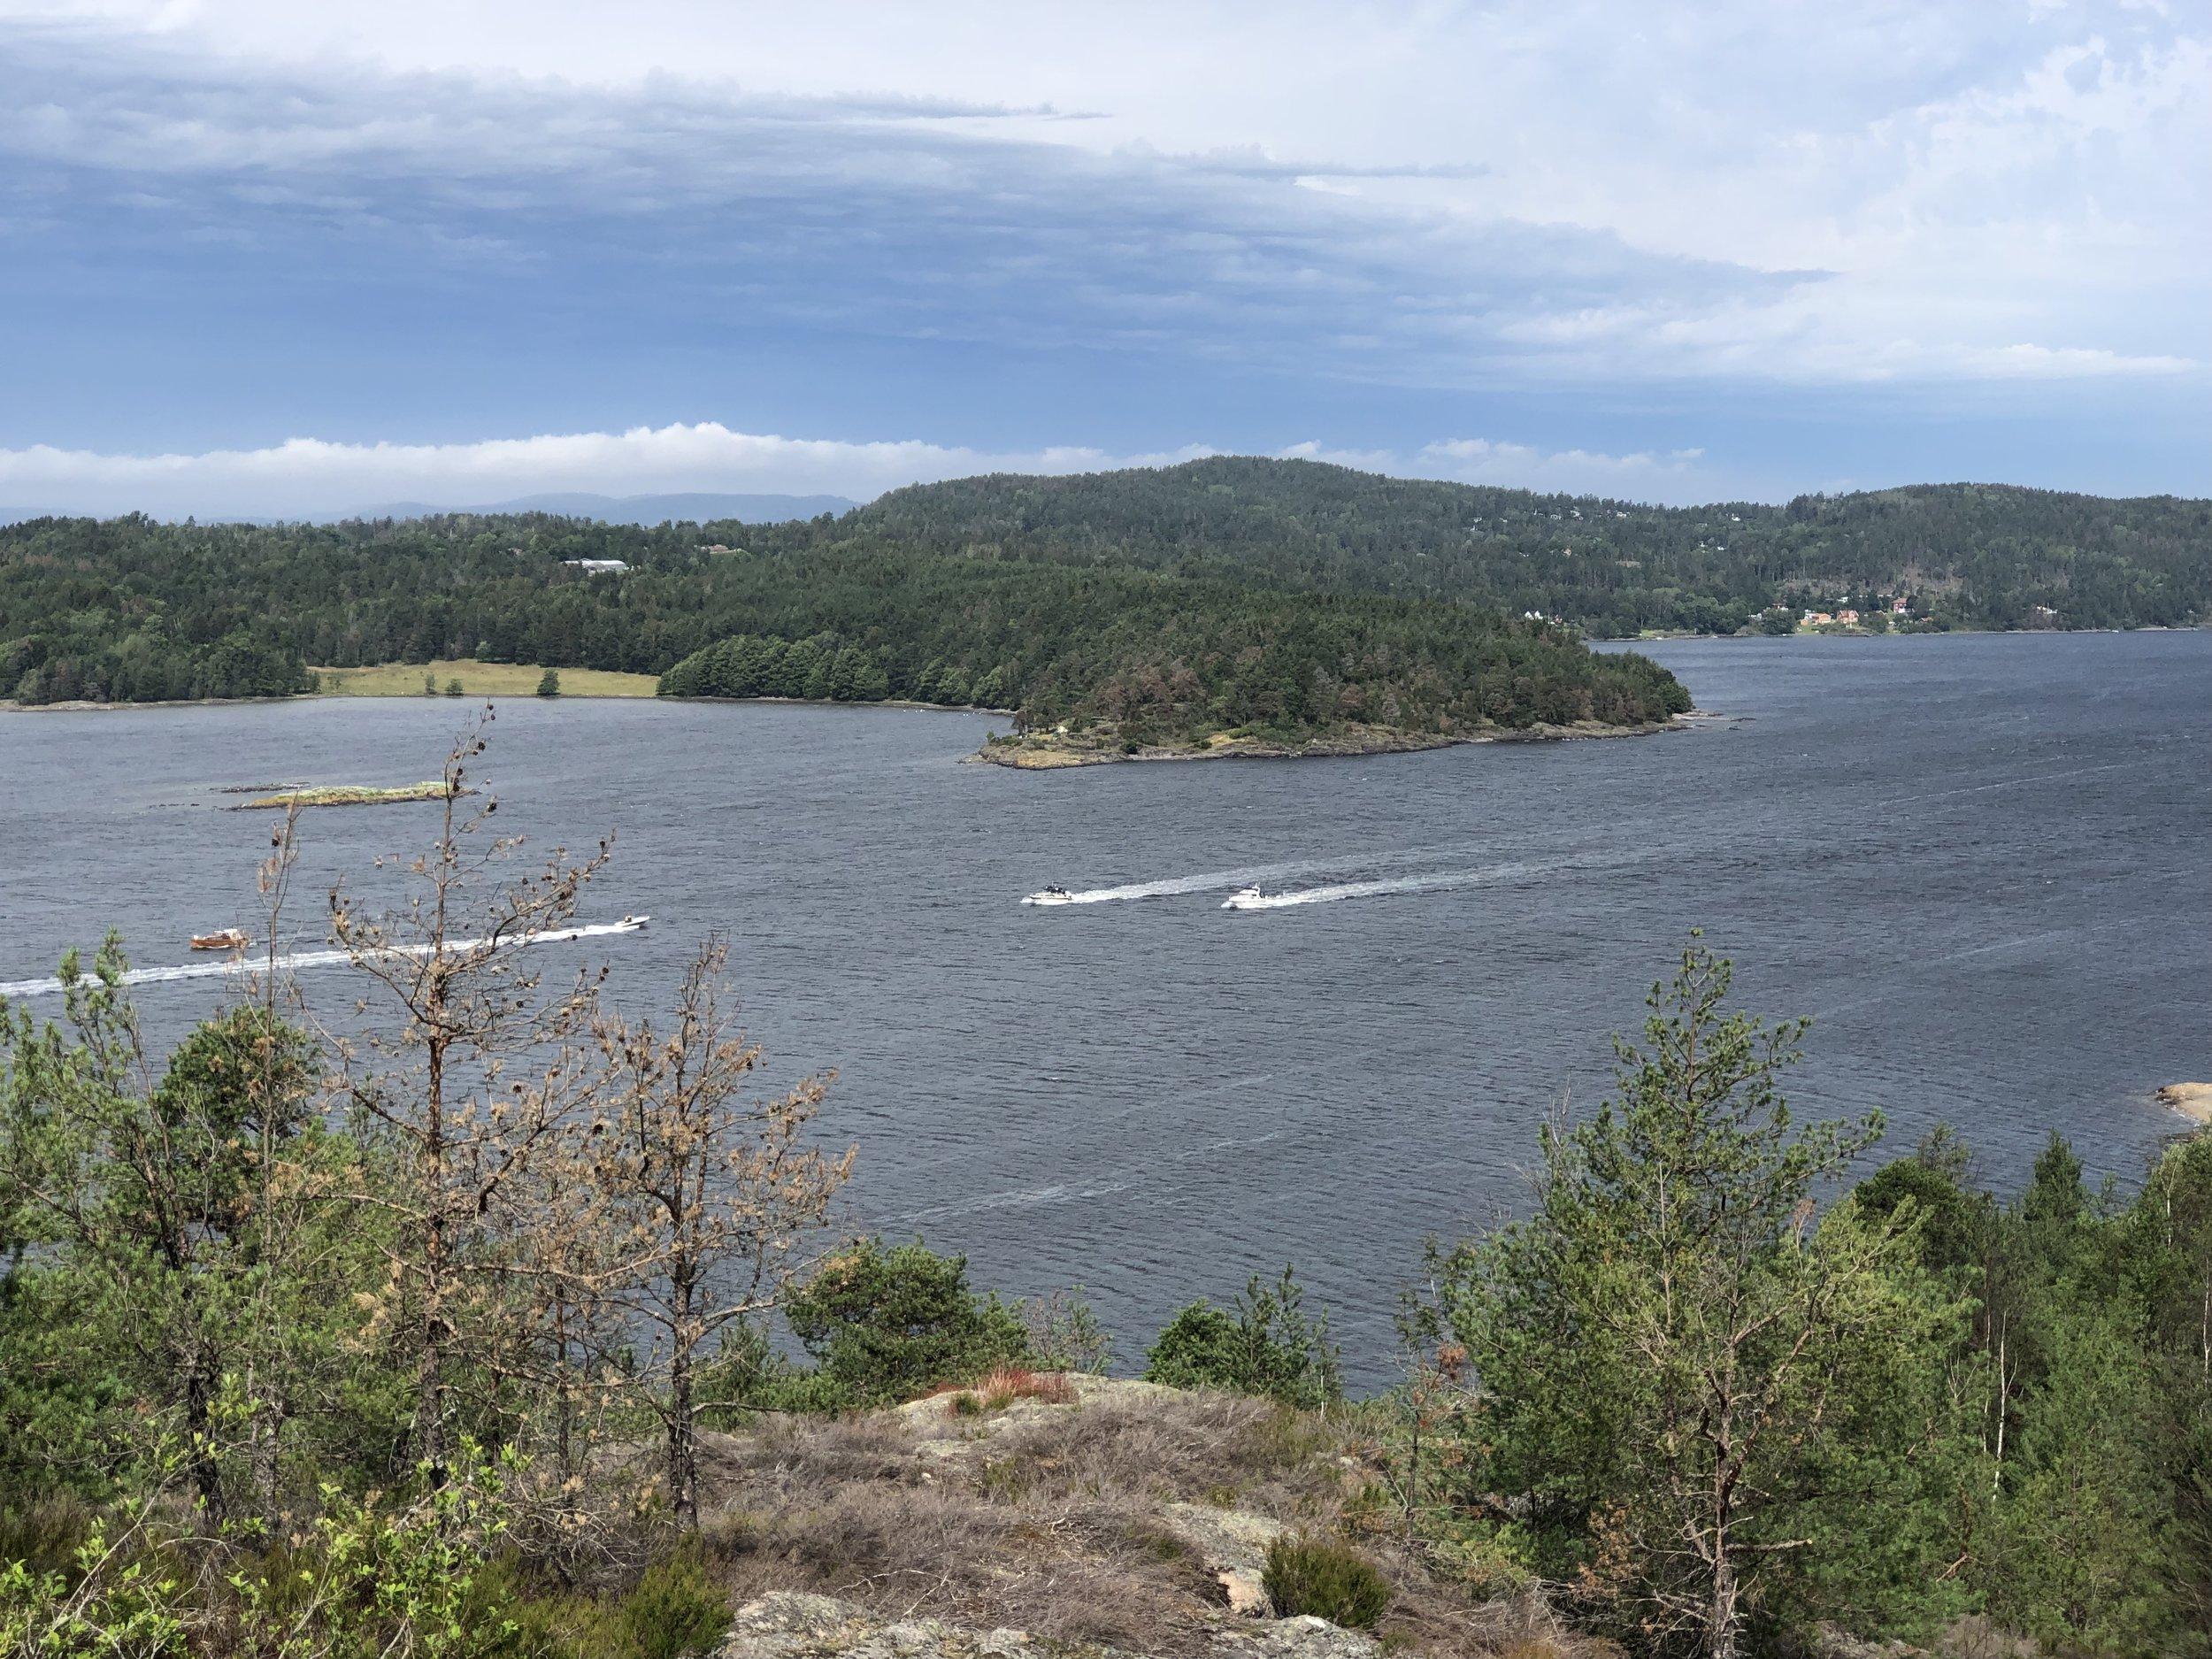 Betegnende for juni 2019: Båter på sjøen tross truende skyer, her sett fra Røysåsen